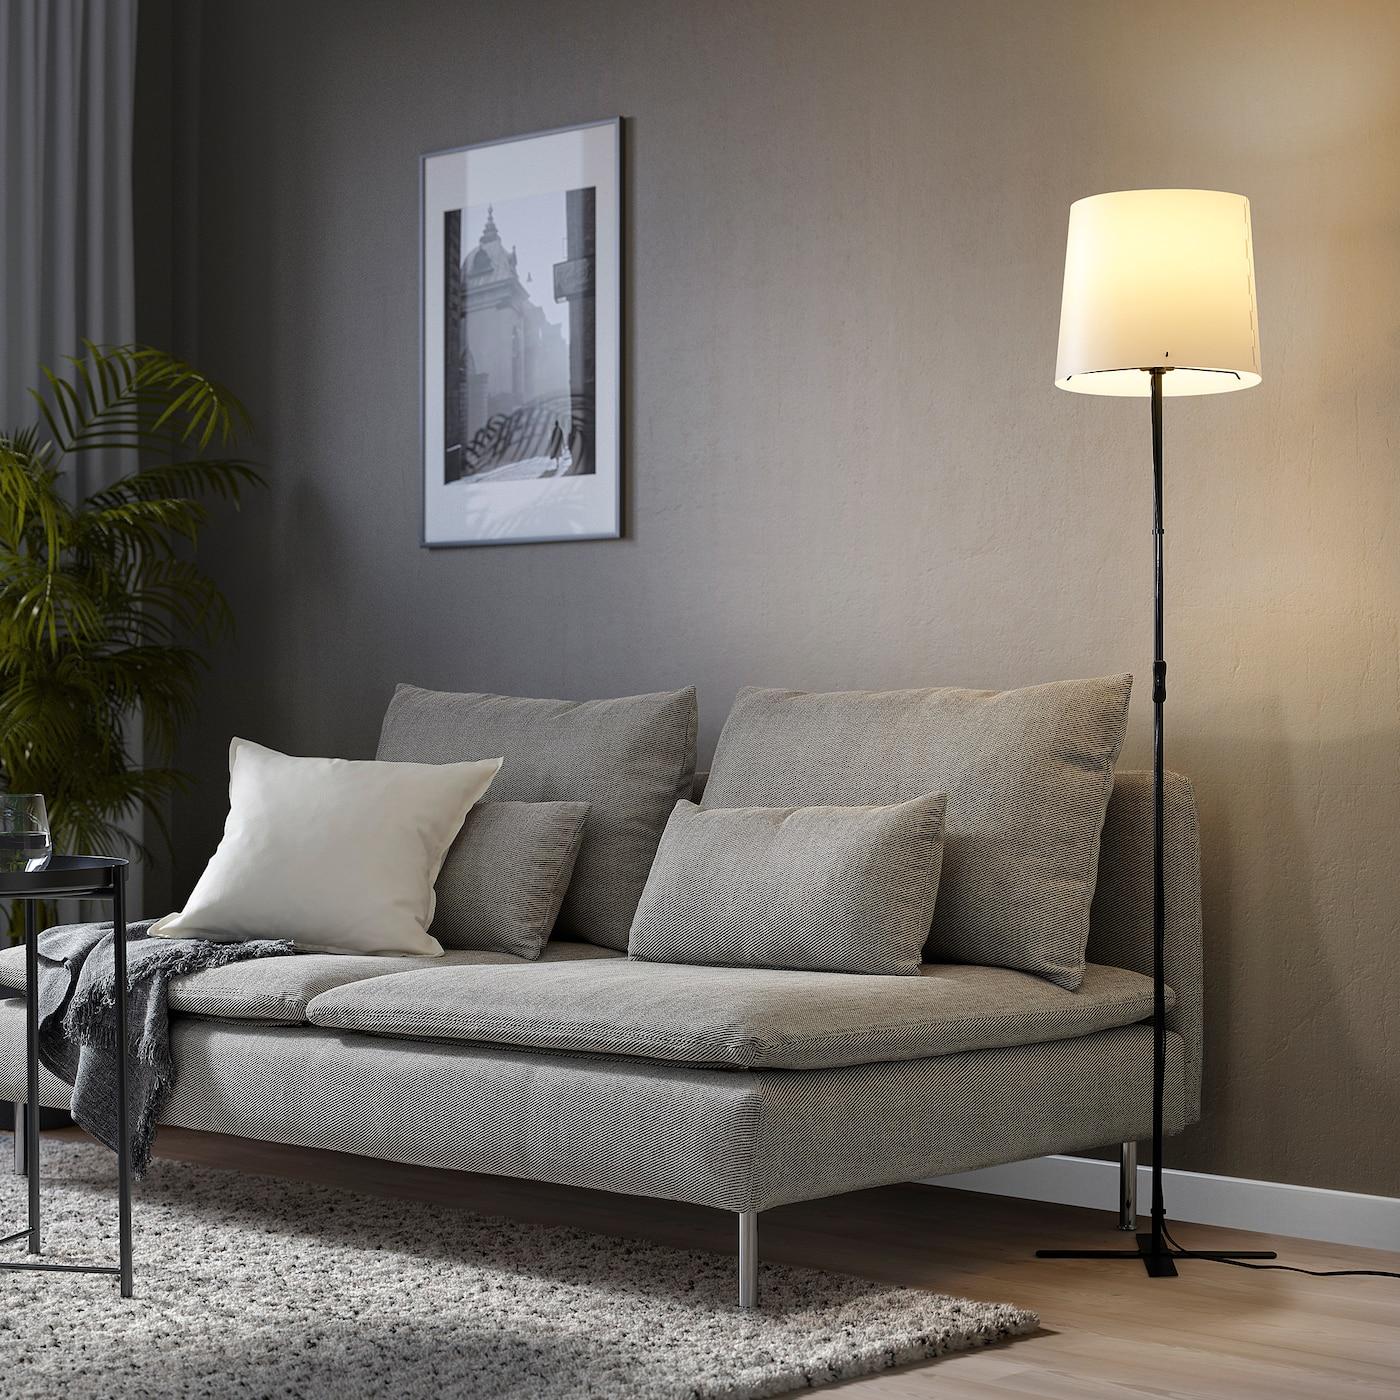 BARLAST Standleuchte, schwarz/weiß, 150 cm